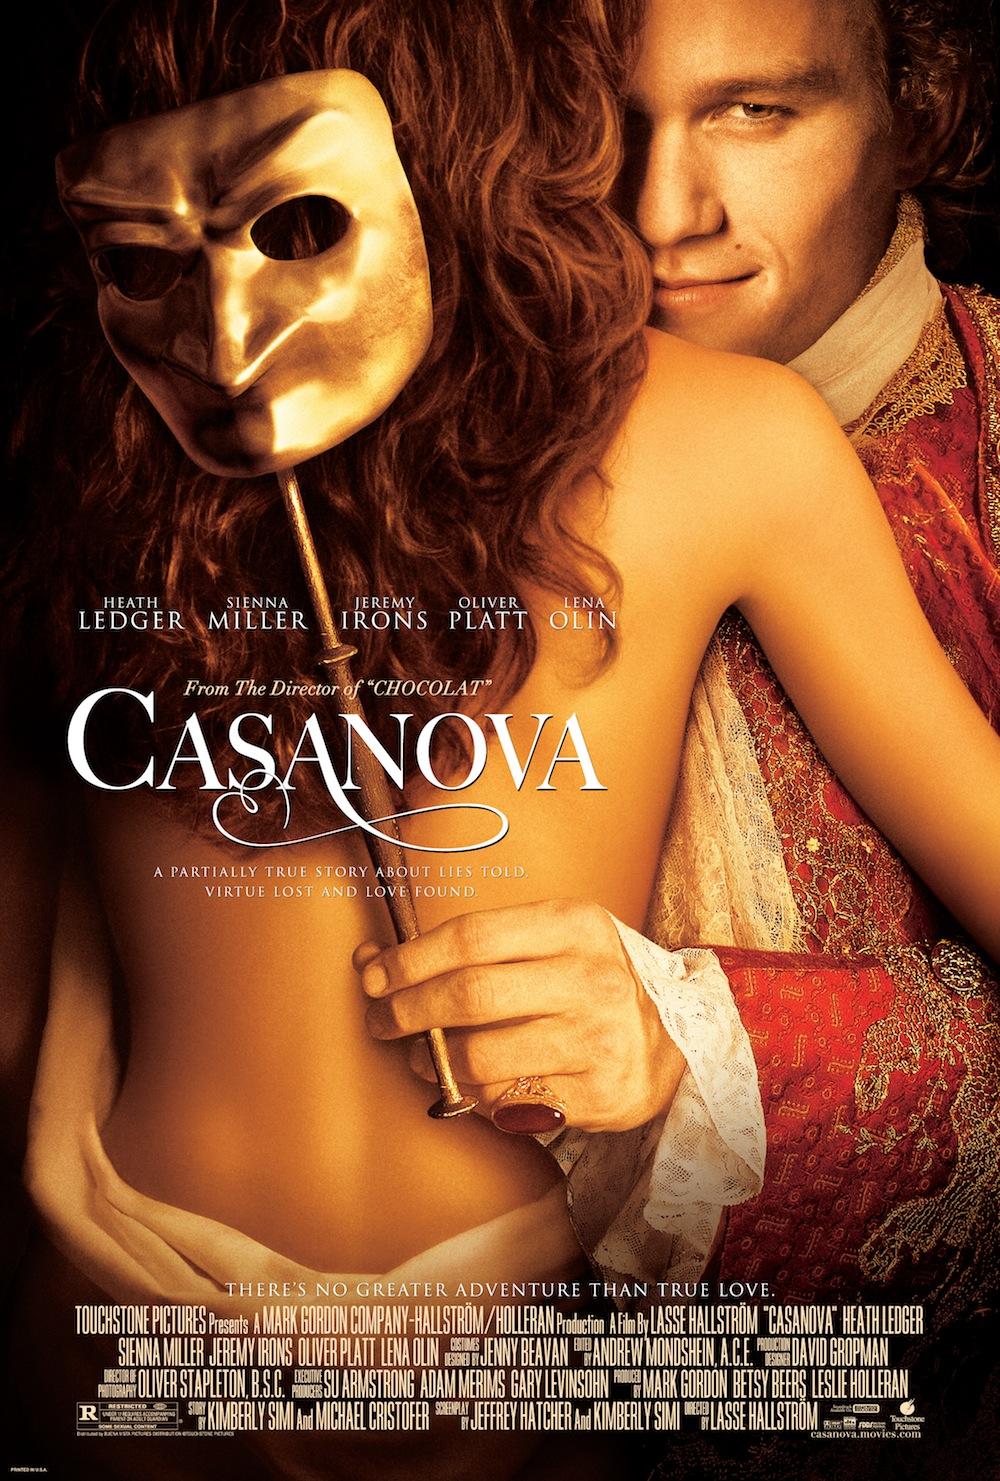 casanova0514